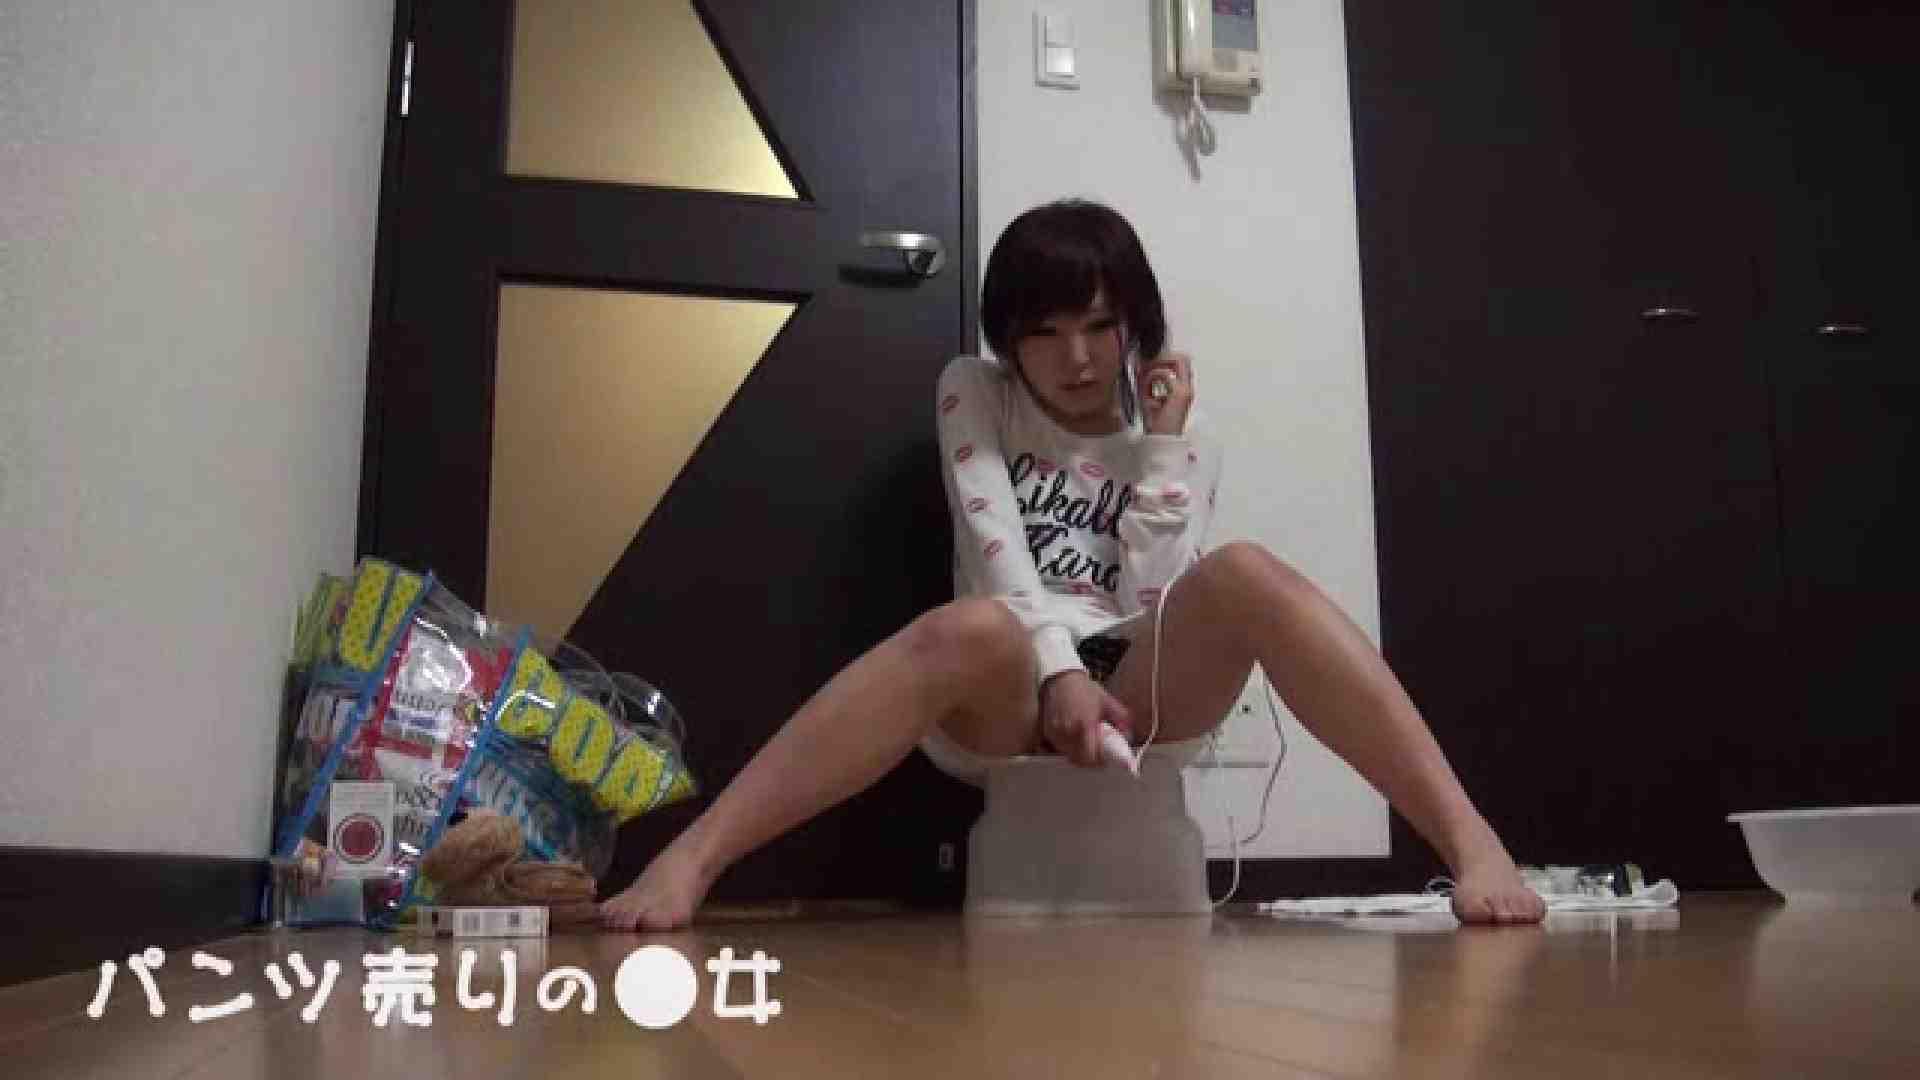 無修正エロ動画|新説 パンツ売りの女の子nana|大奥